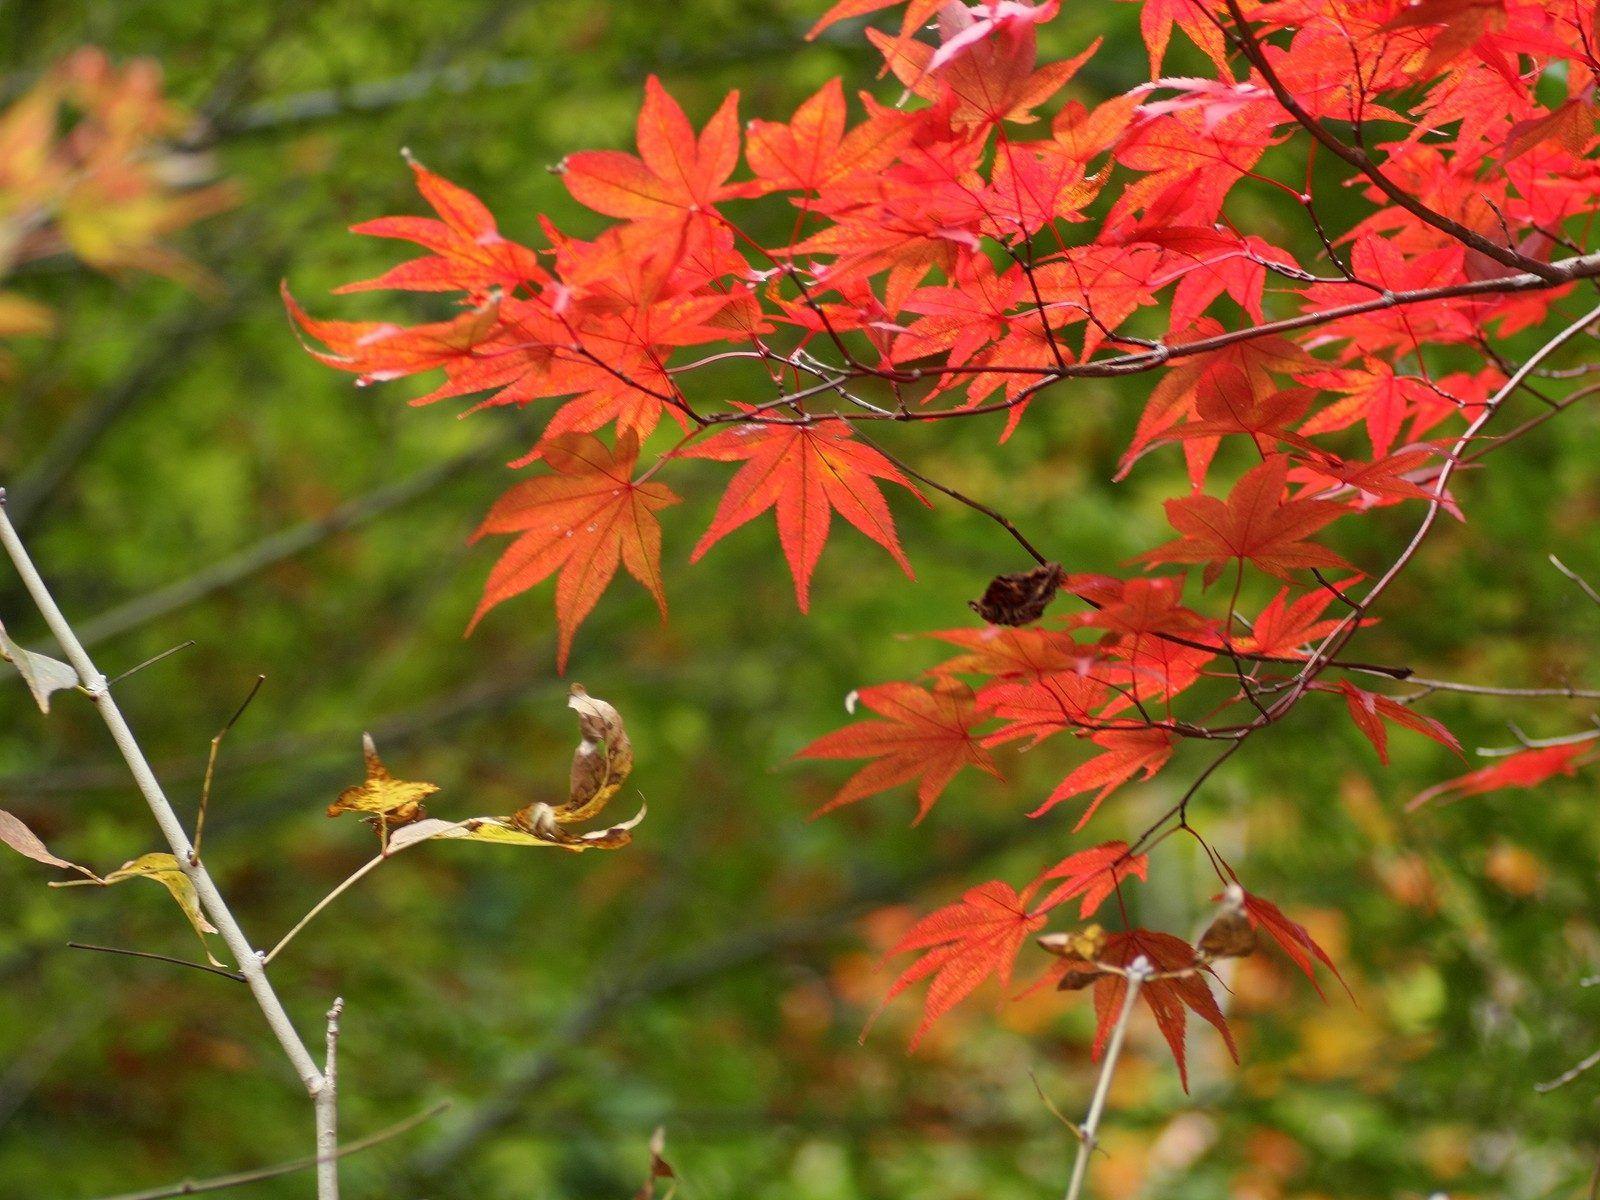 86580 скачать обои Природа, Ветки, Листья, Осень - заставки и картинки бесплатно